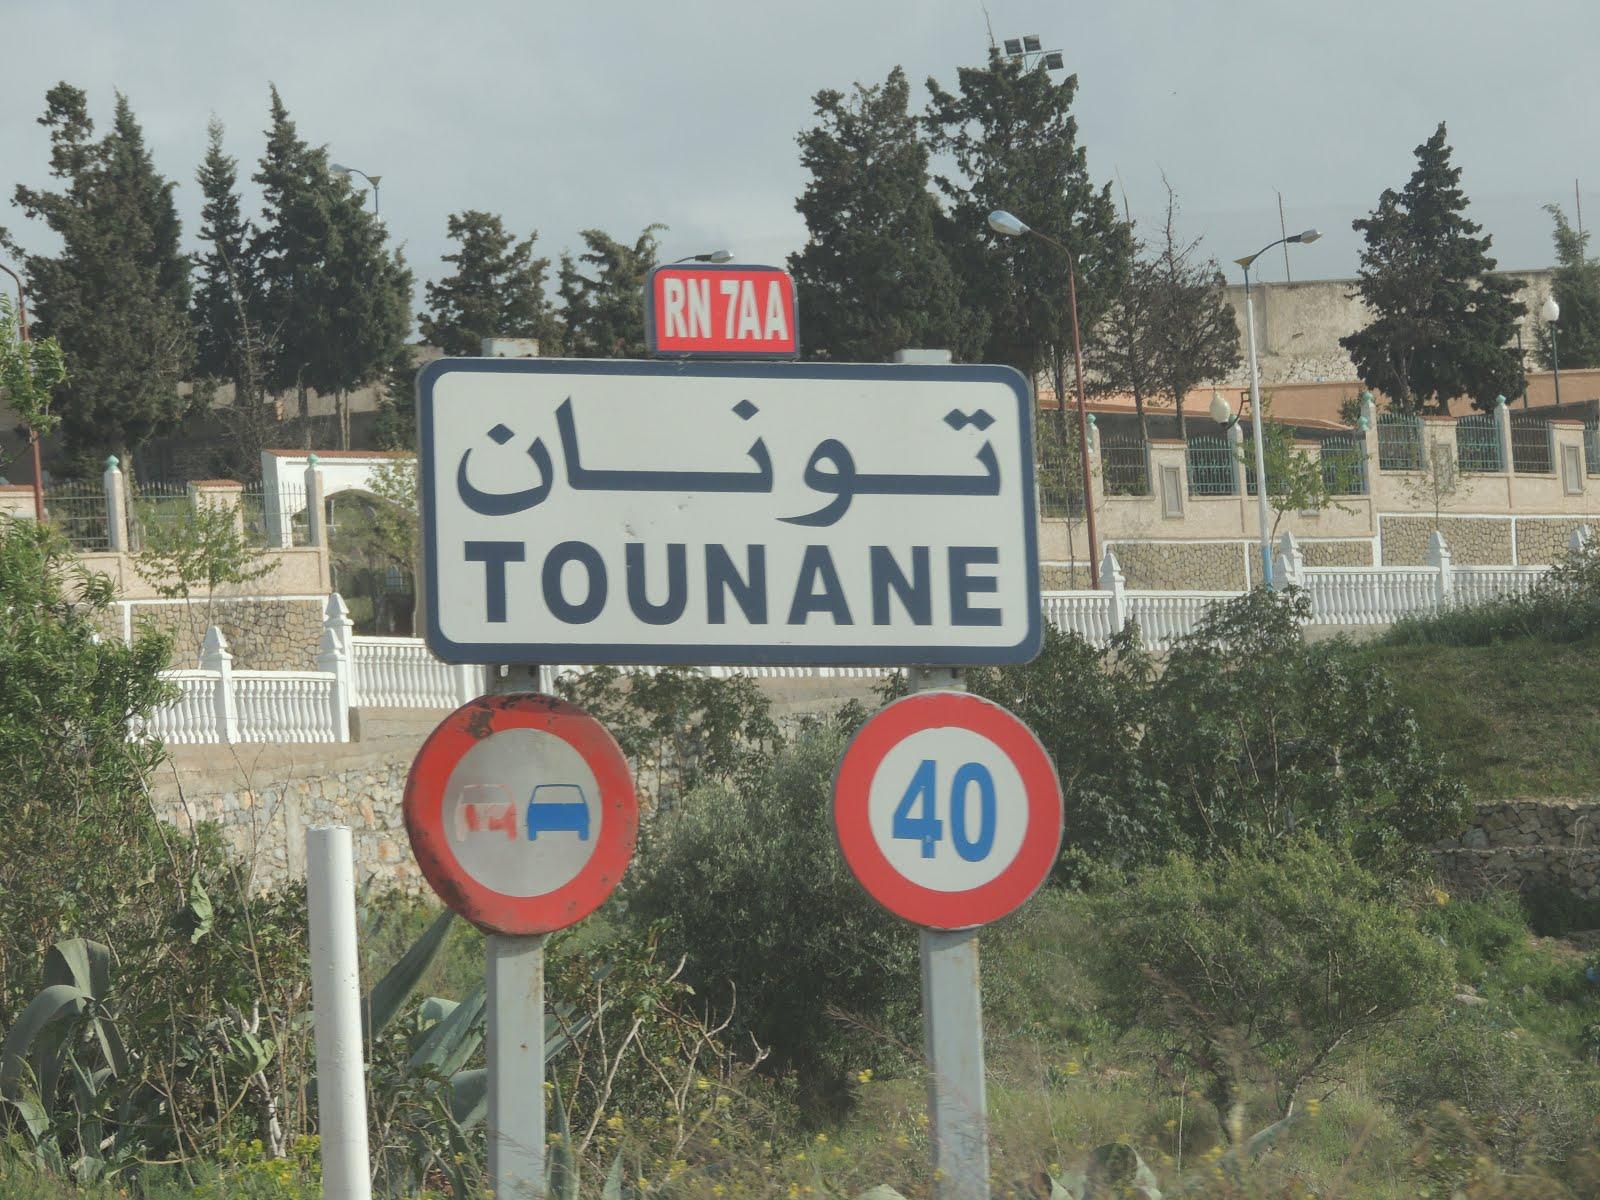 TOUNANE